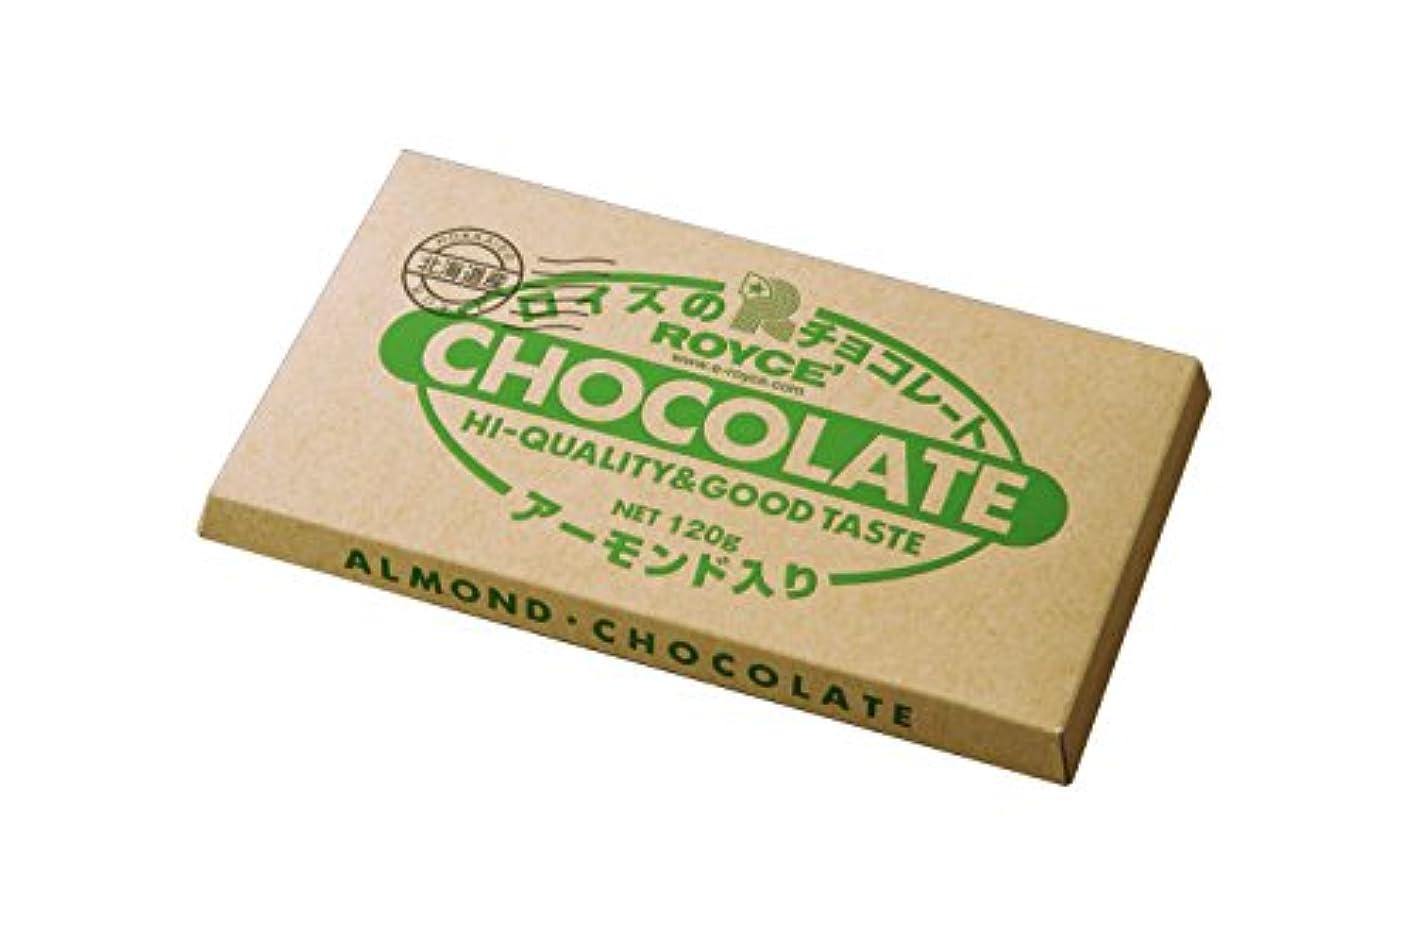 の慈悲でたぶんのりROYCE'(ロイズ) 板チョコレート アーモンド